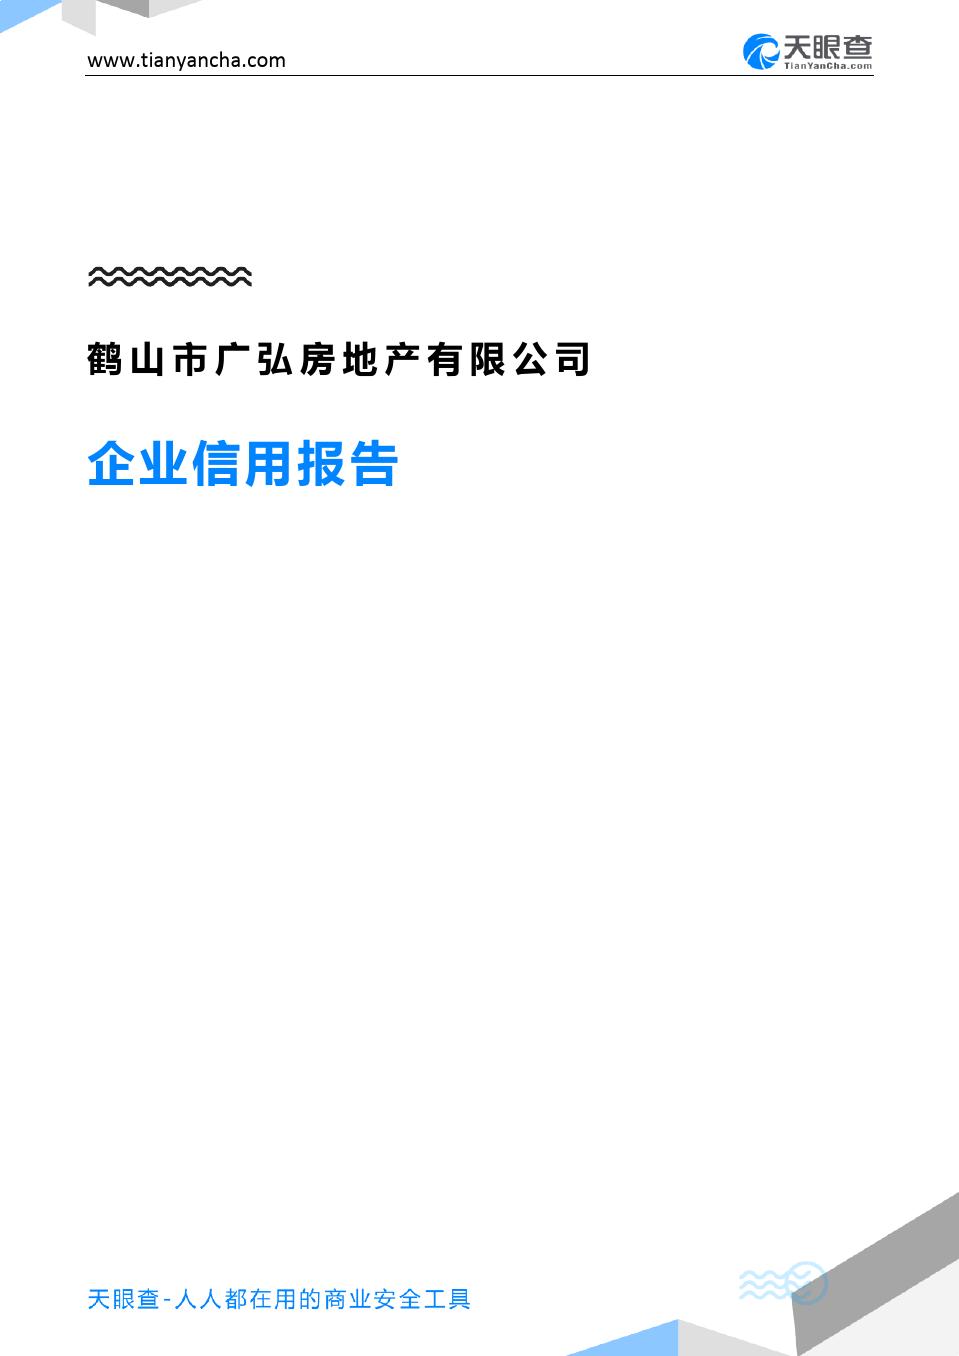 鹤山市广弘房地产有限公司(企业信用报告)- 天眼查